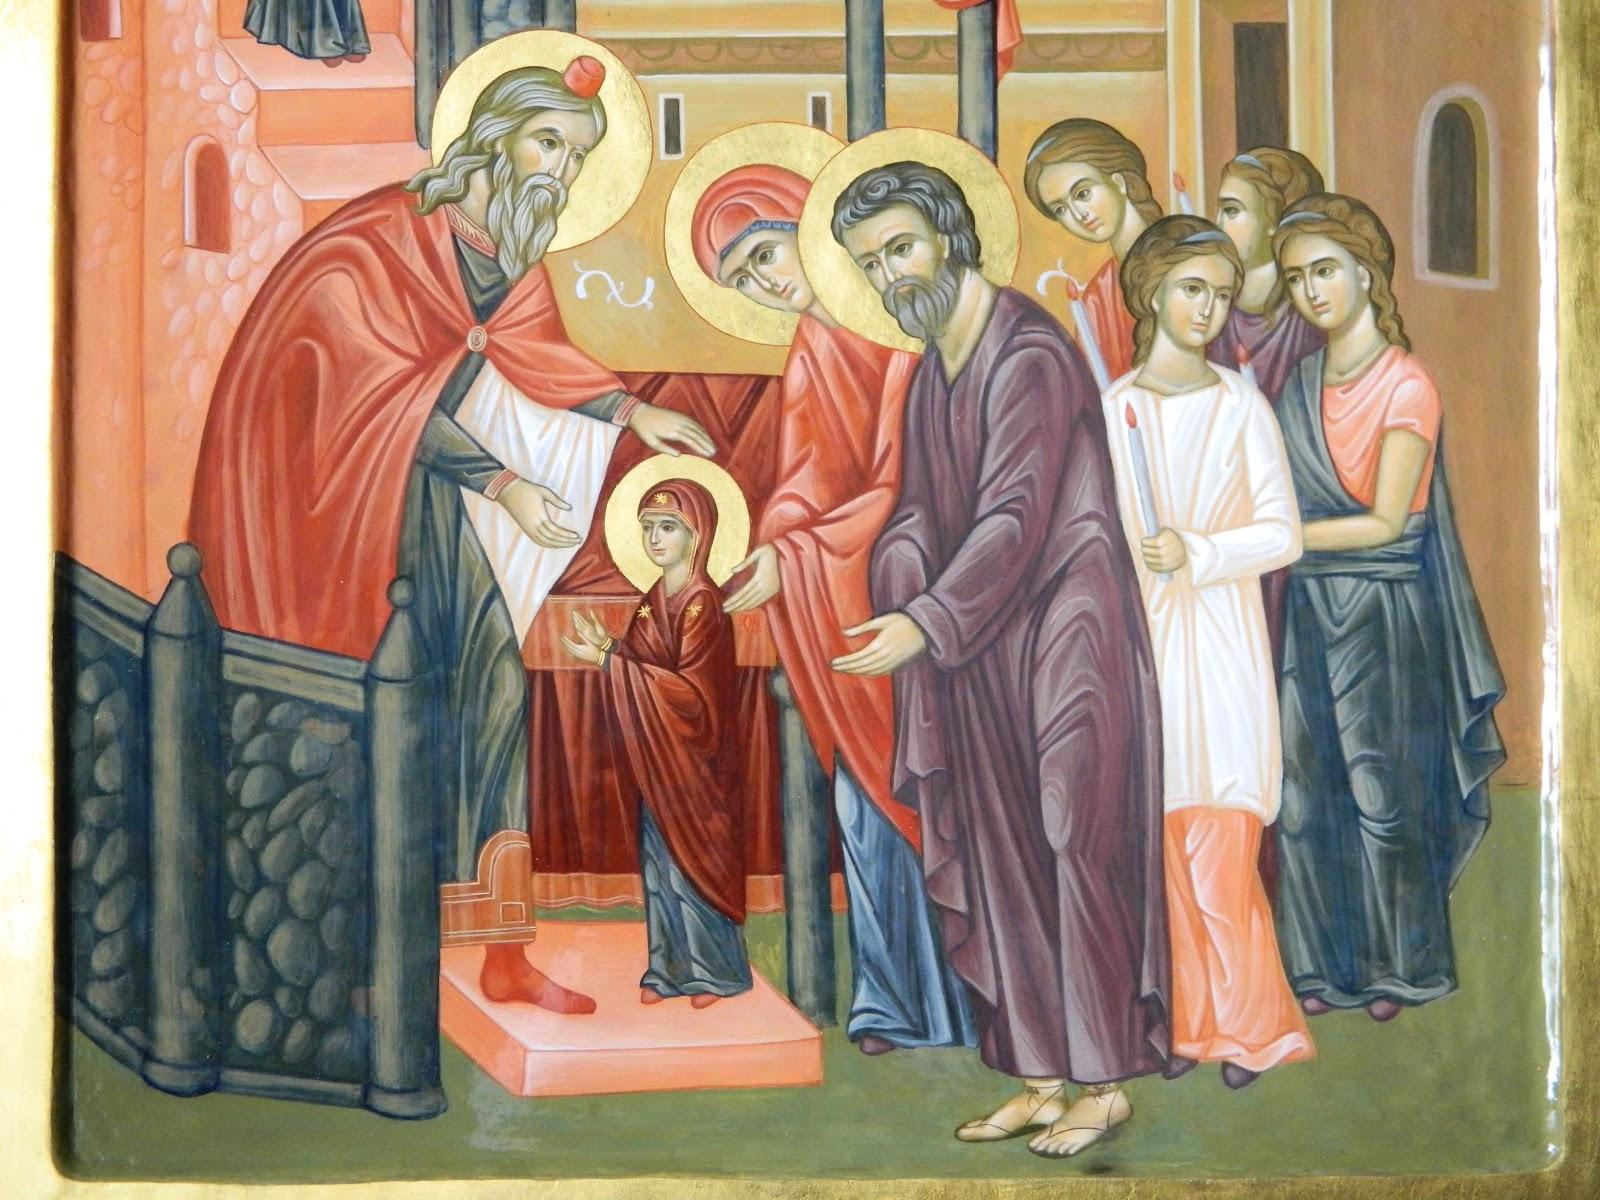 Biserica Ortodoxă prăznuiește astăzi SĂRBĂTOAREA INTRĂRII MAICII DOMNULUI ÎN BISERICĂ